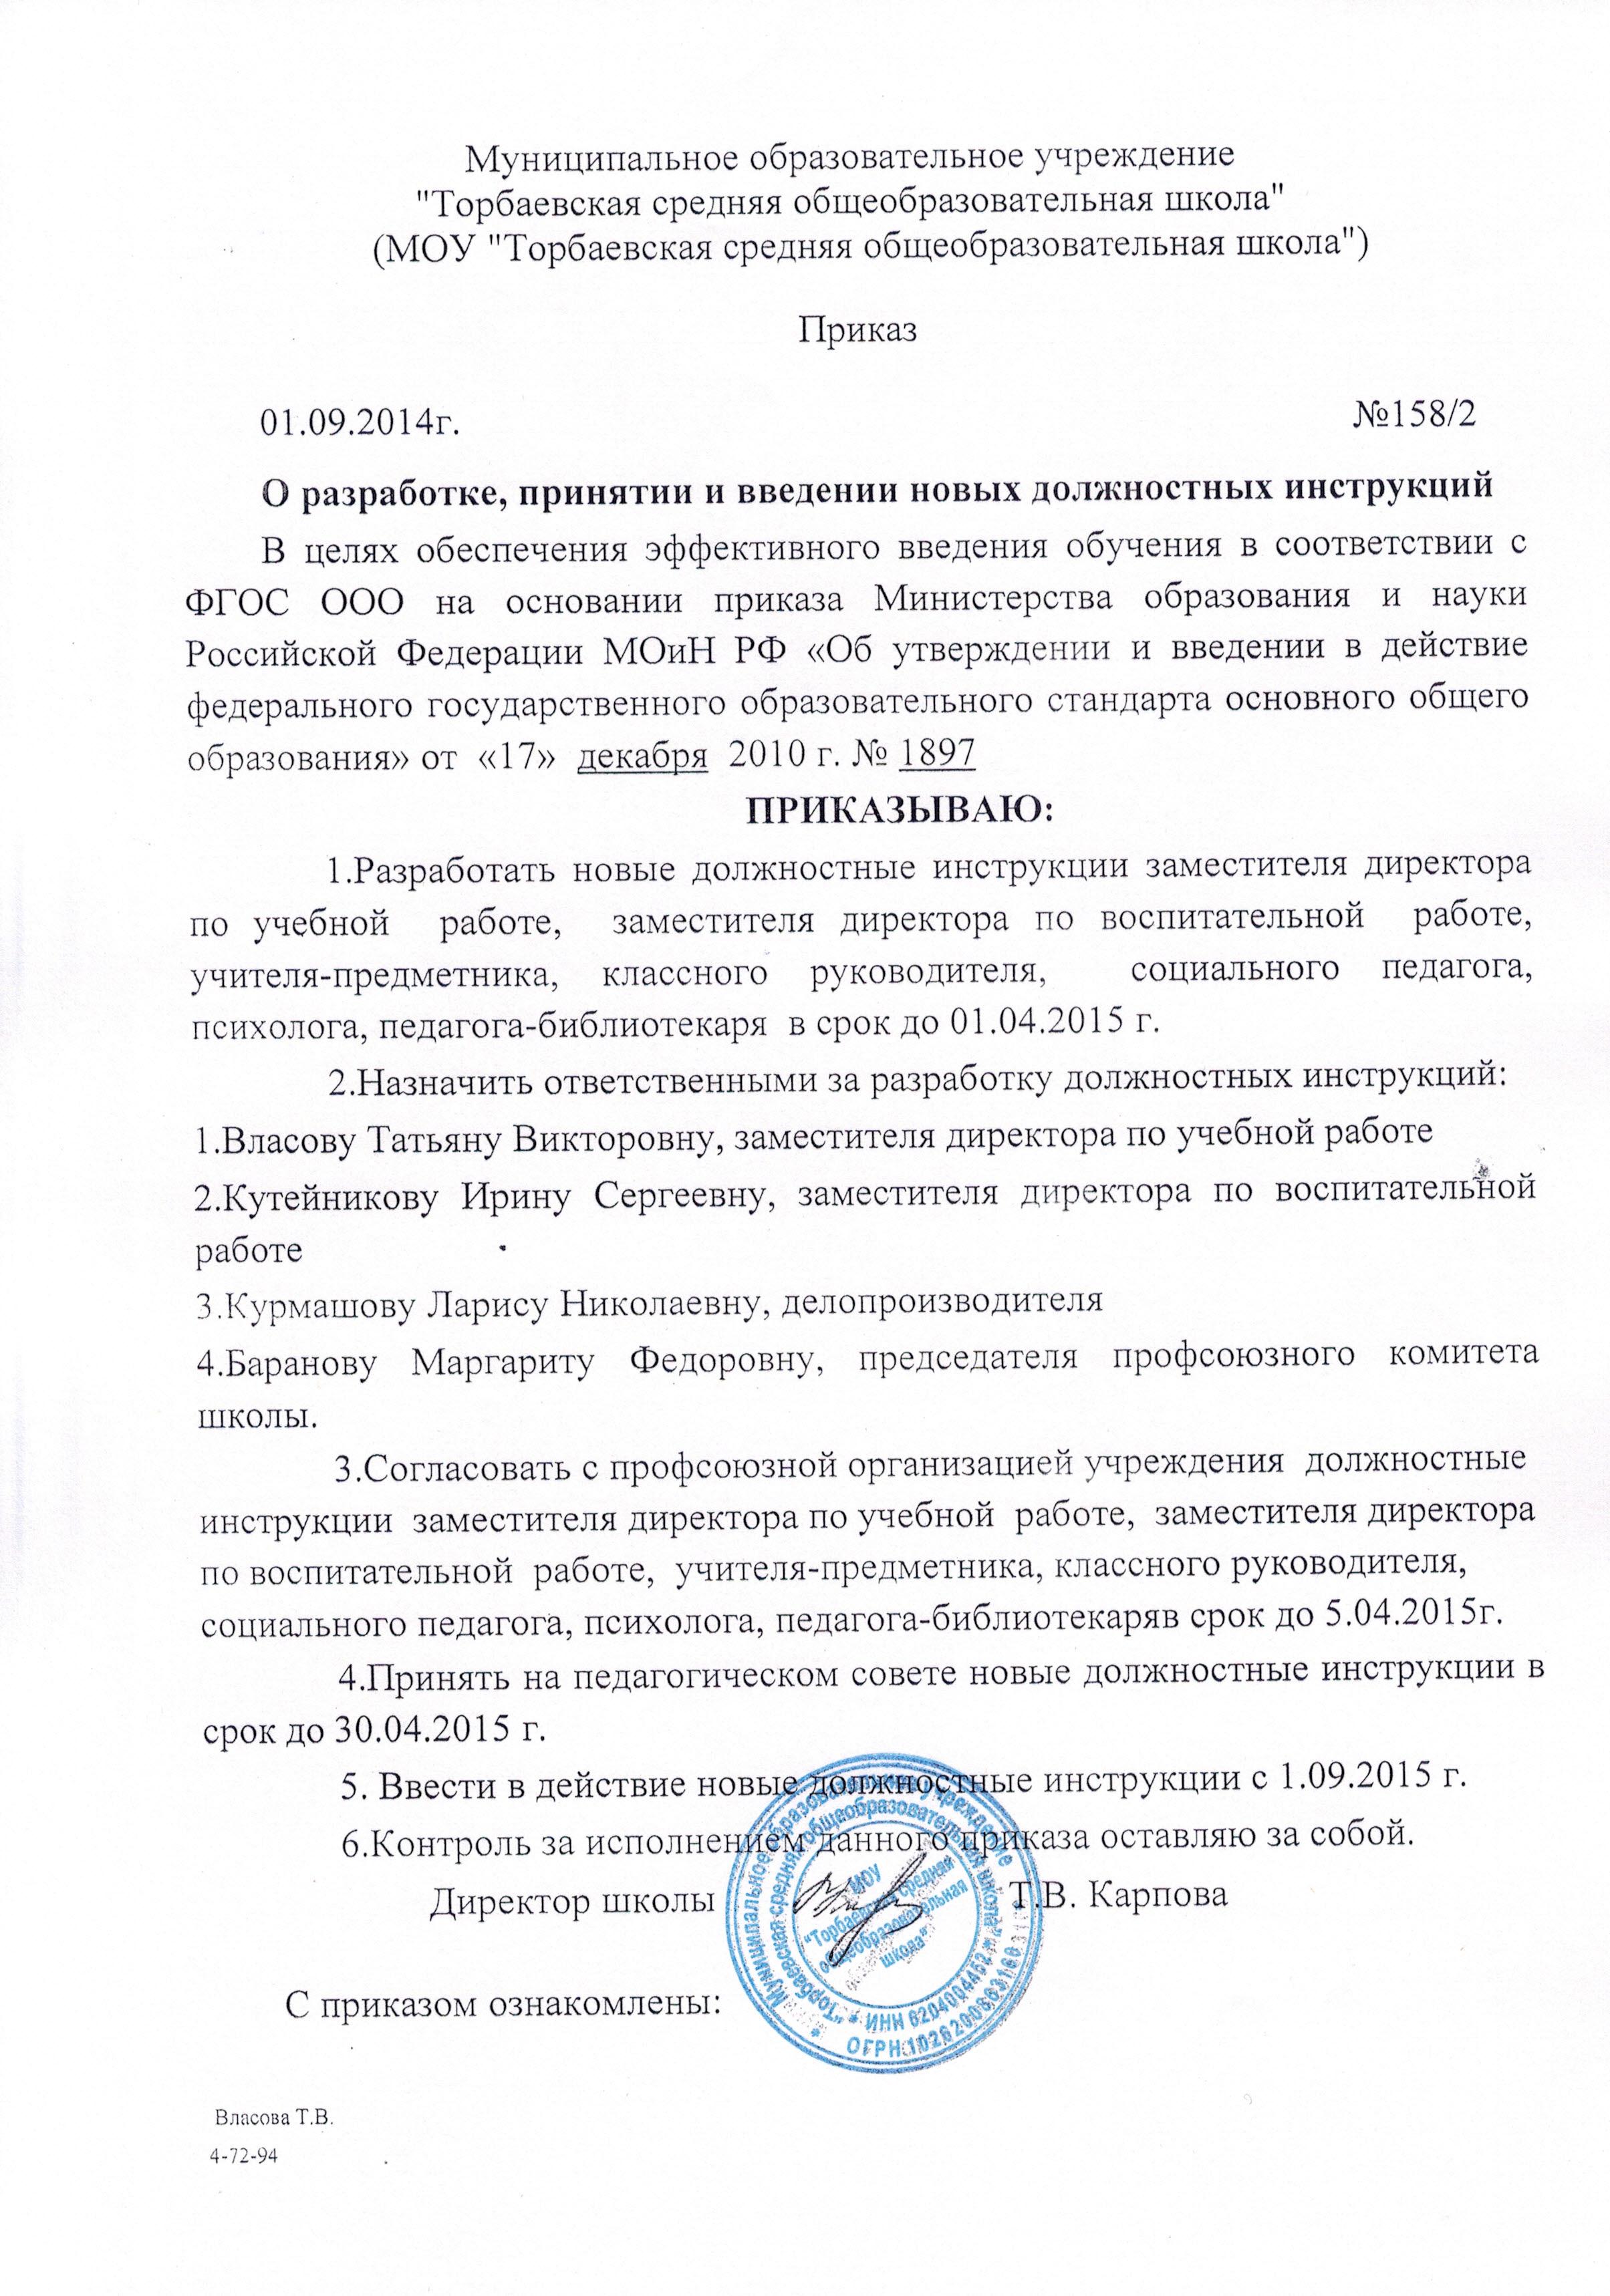 приказ о должностной инструкции образец 2016